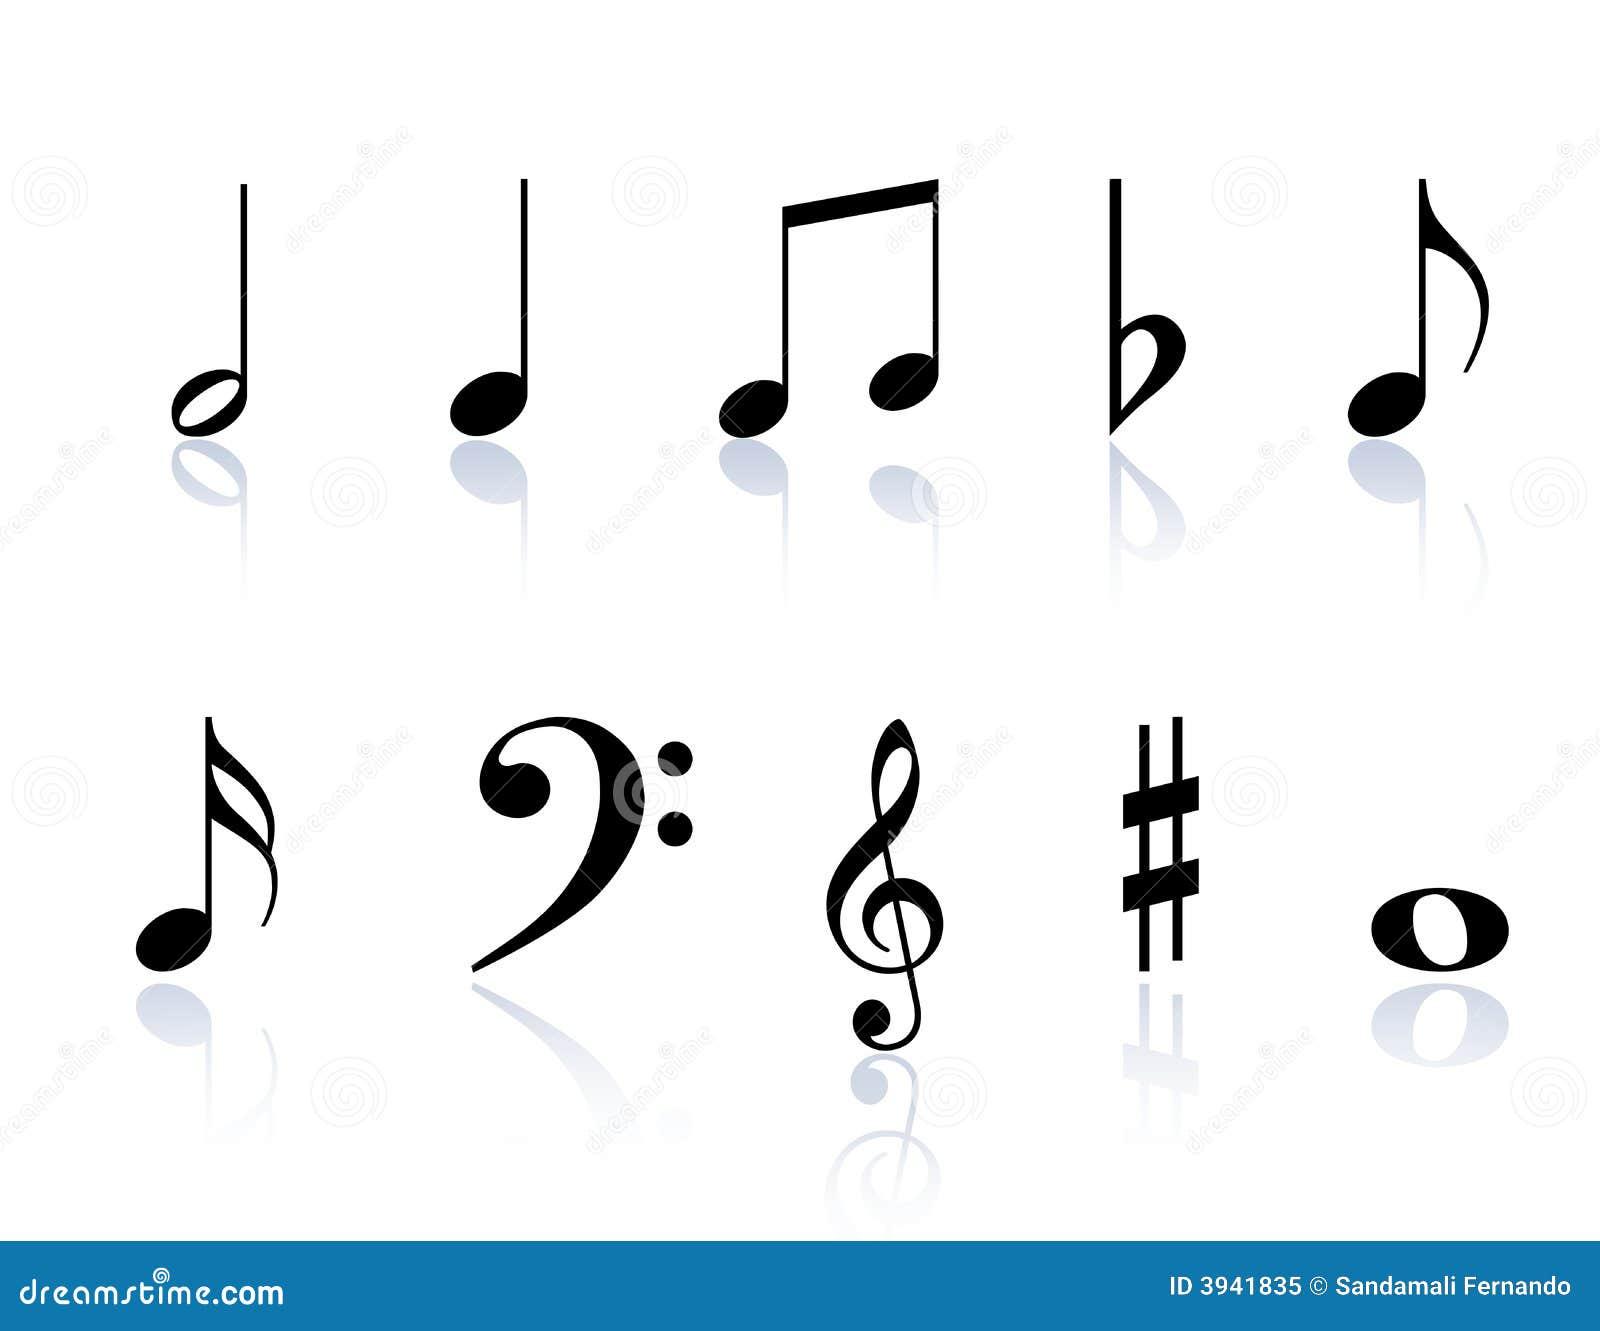 Music Notes Symbols Royalty Free Stock Photo Image 3941835